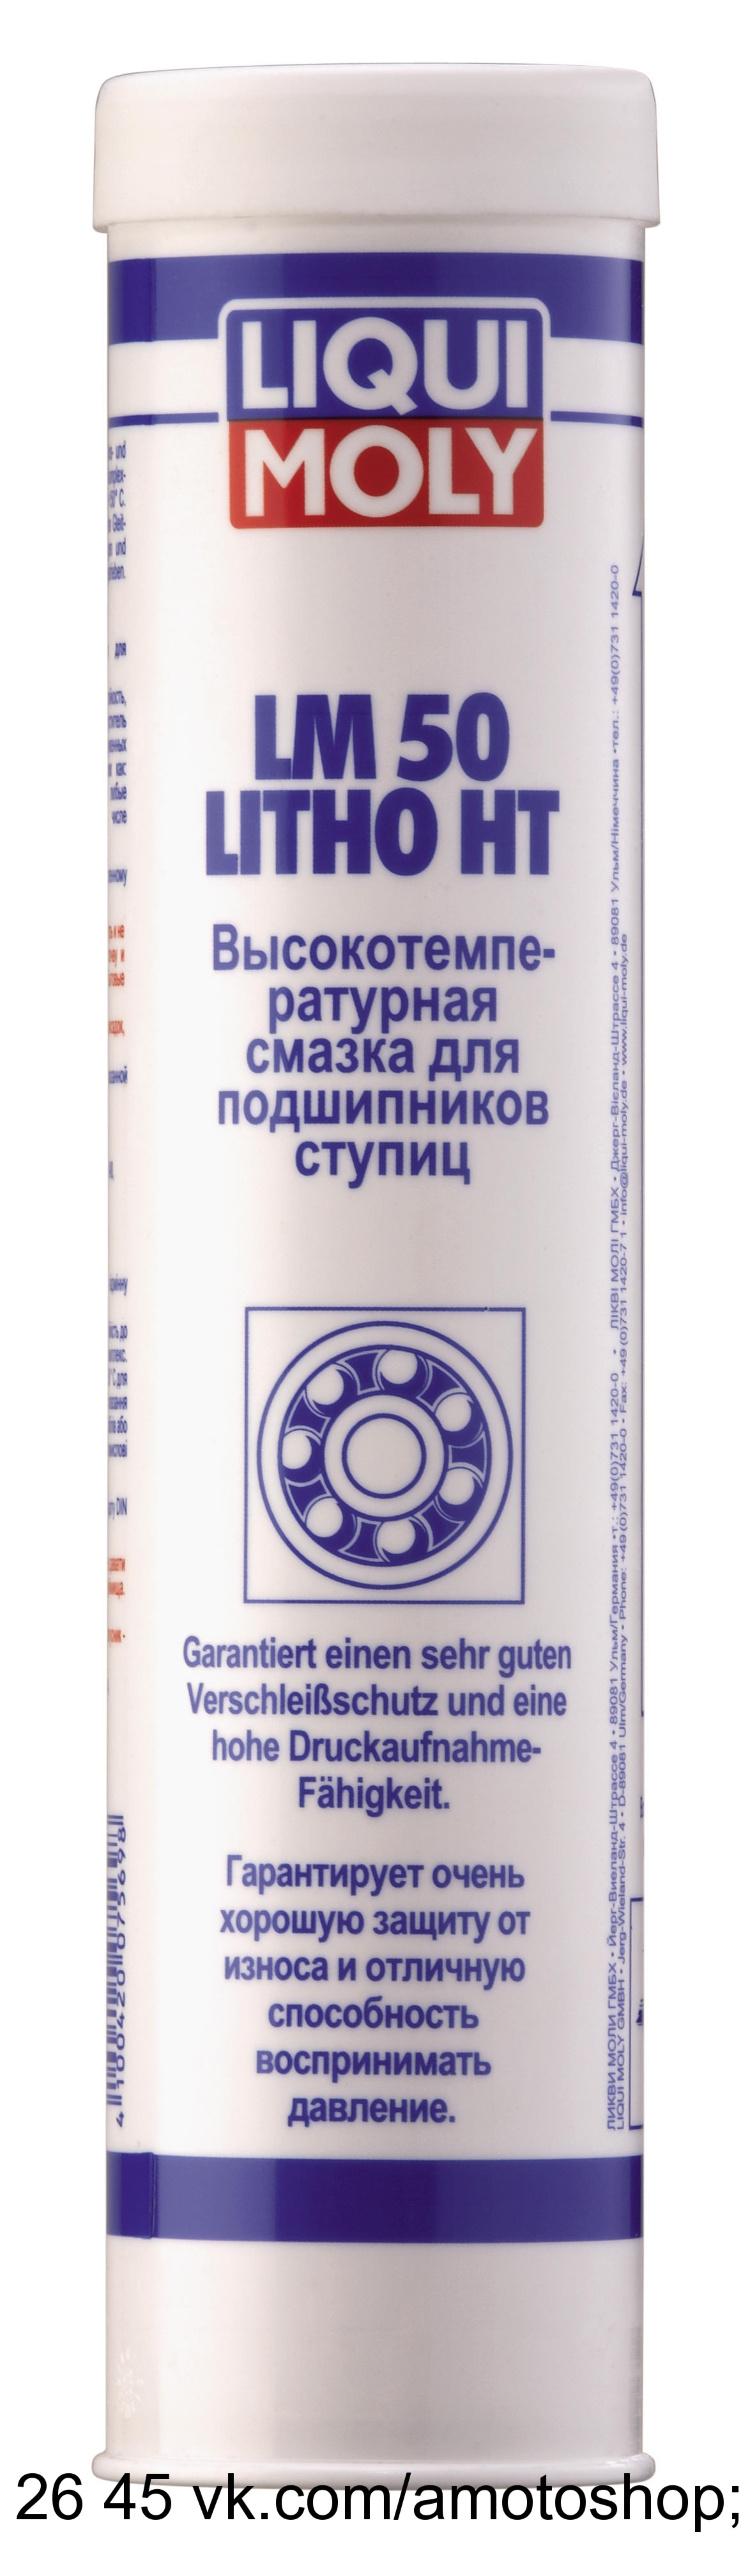 Смазка для подшипников 2 фотография